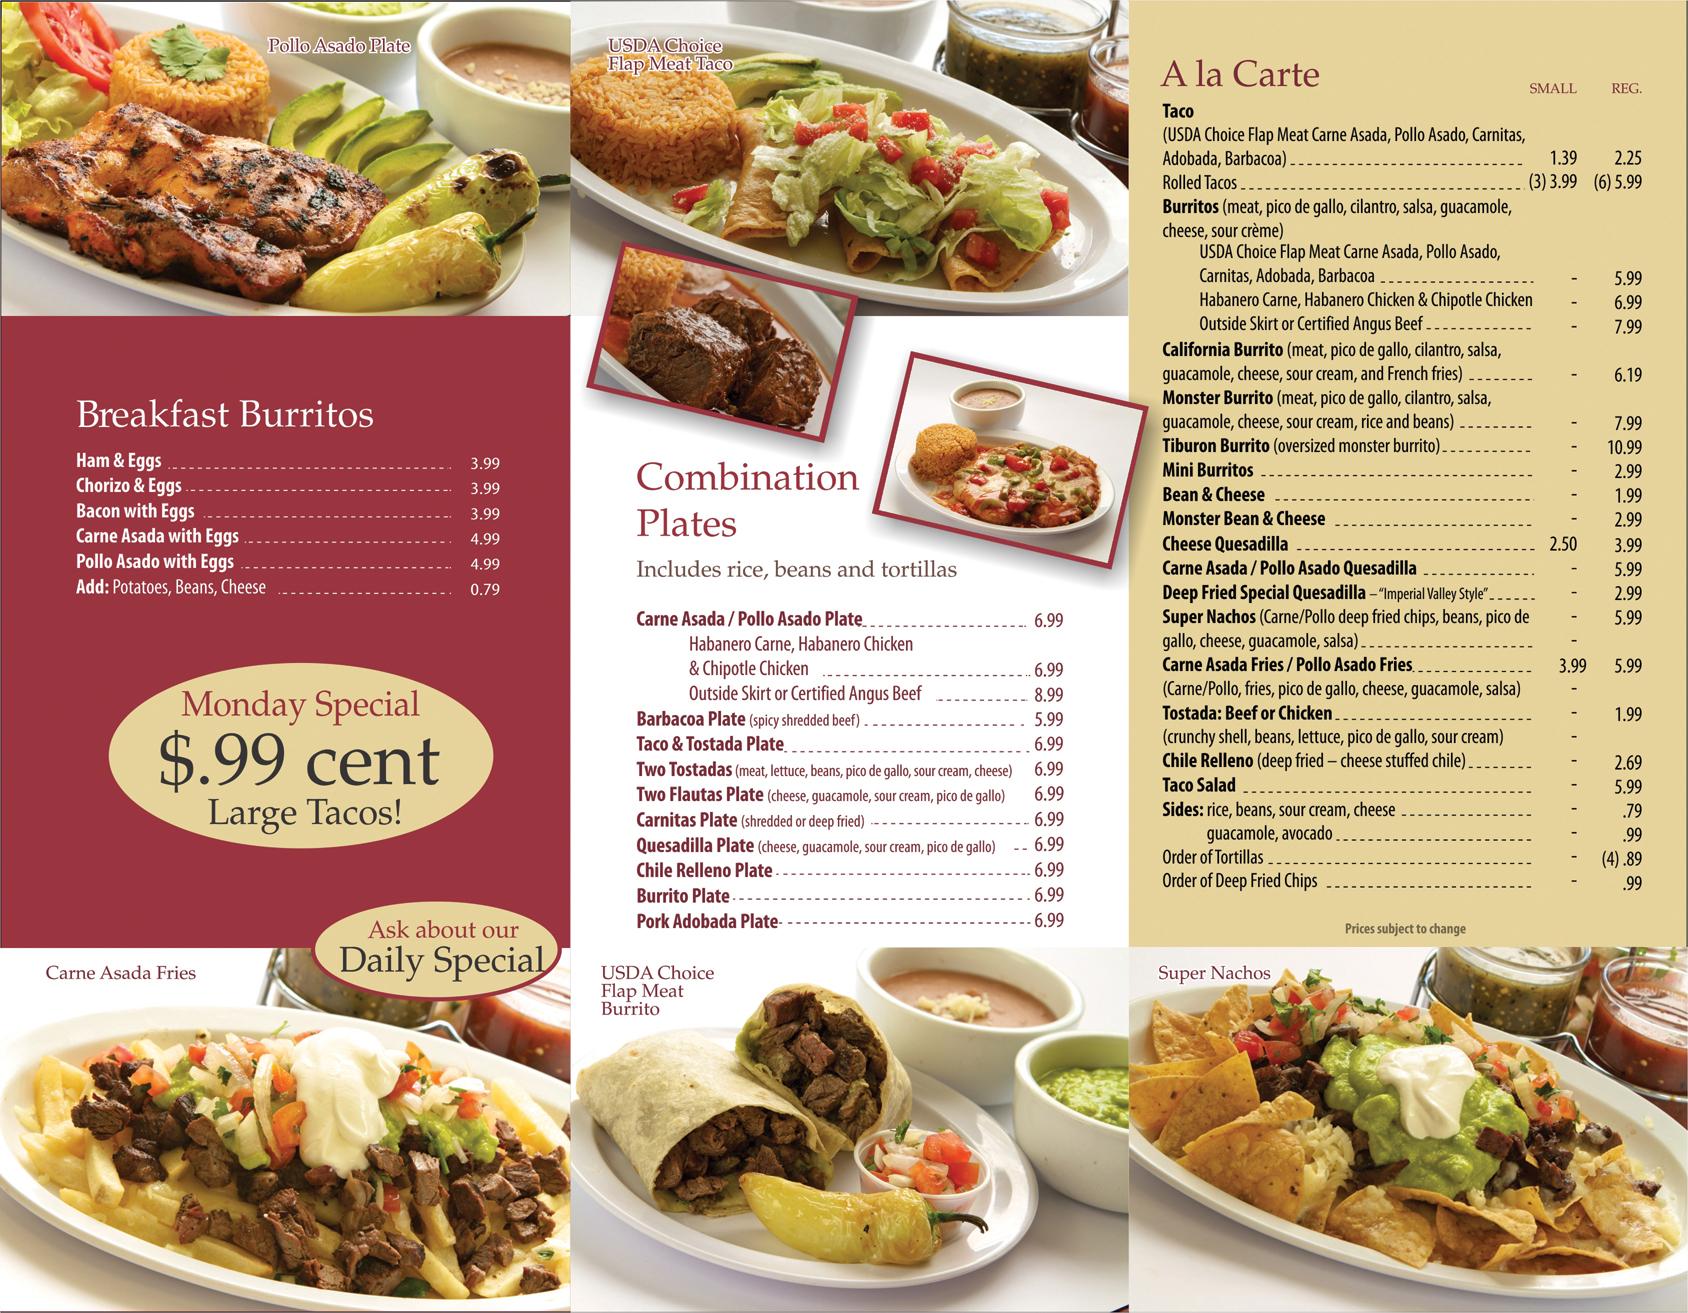 Thiết kế thực đơn nhà hàng theo xu hướng mới - Trung tâm Smart Goal